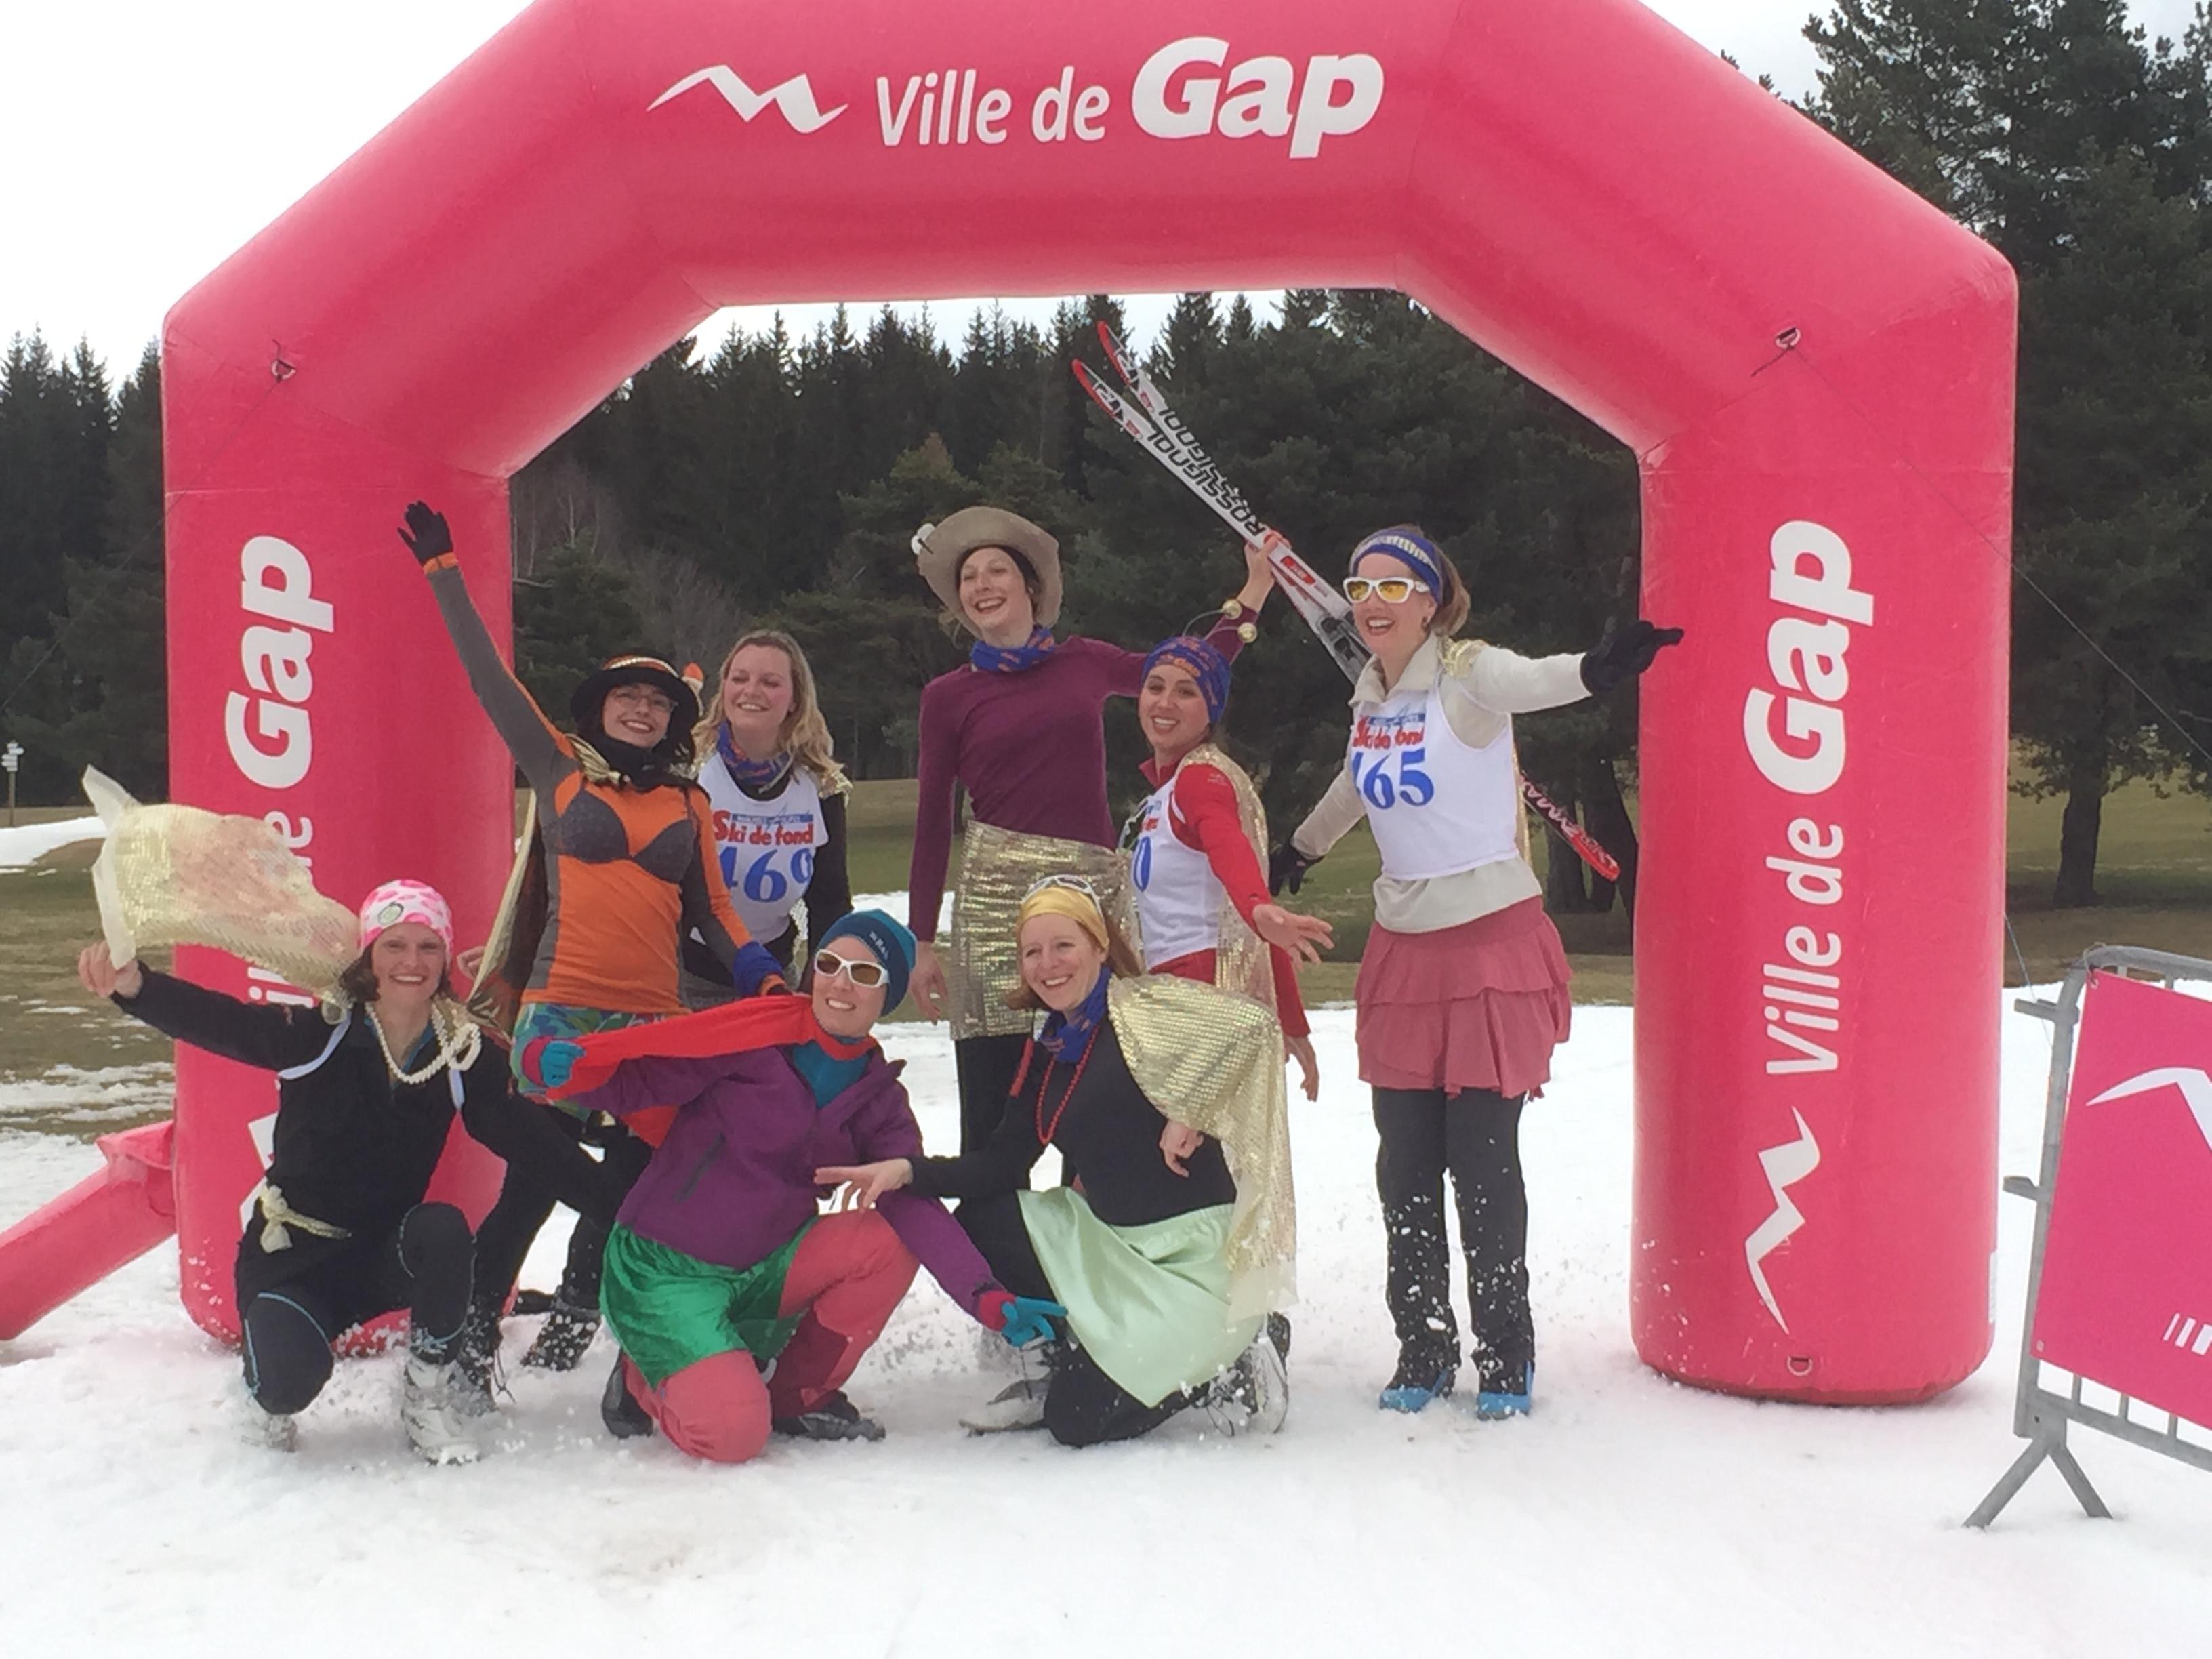 Gap Bayard au Féminin, Sport, détente, bien-être et surtout bonne humeur